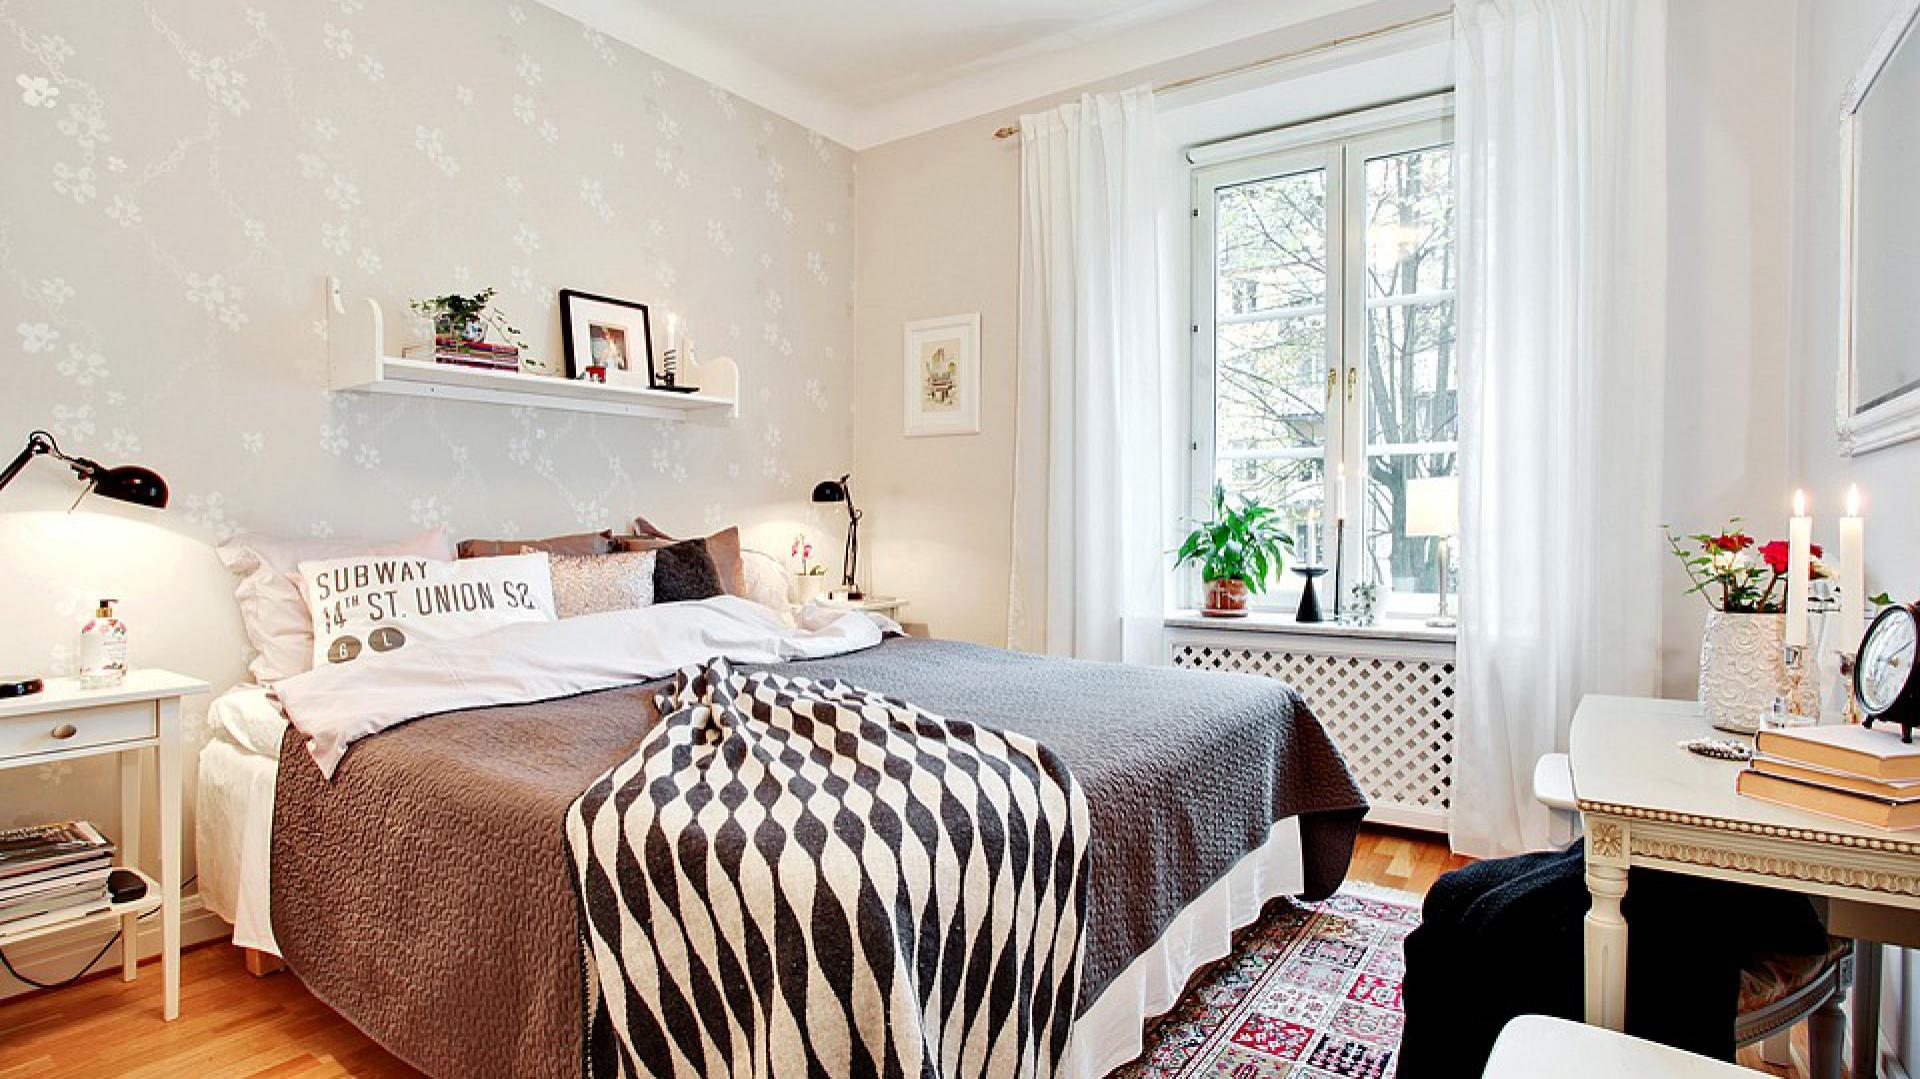 Wzorzysta, delikatna tapeta stanowi doskonałe tło dla prostej bryły łóżka i stolików nocnych. Fot. Bjufors.